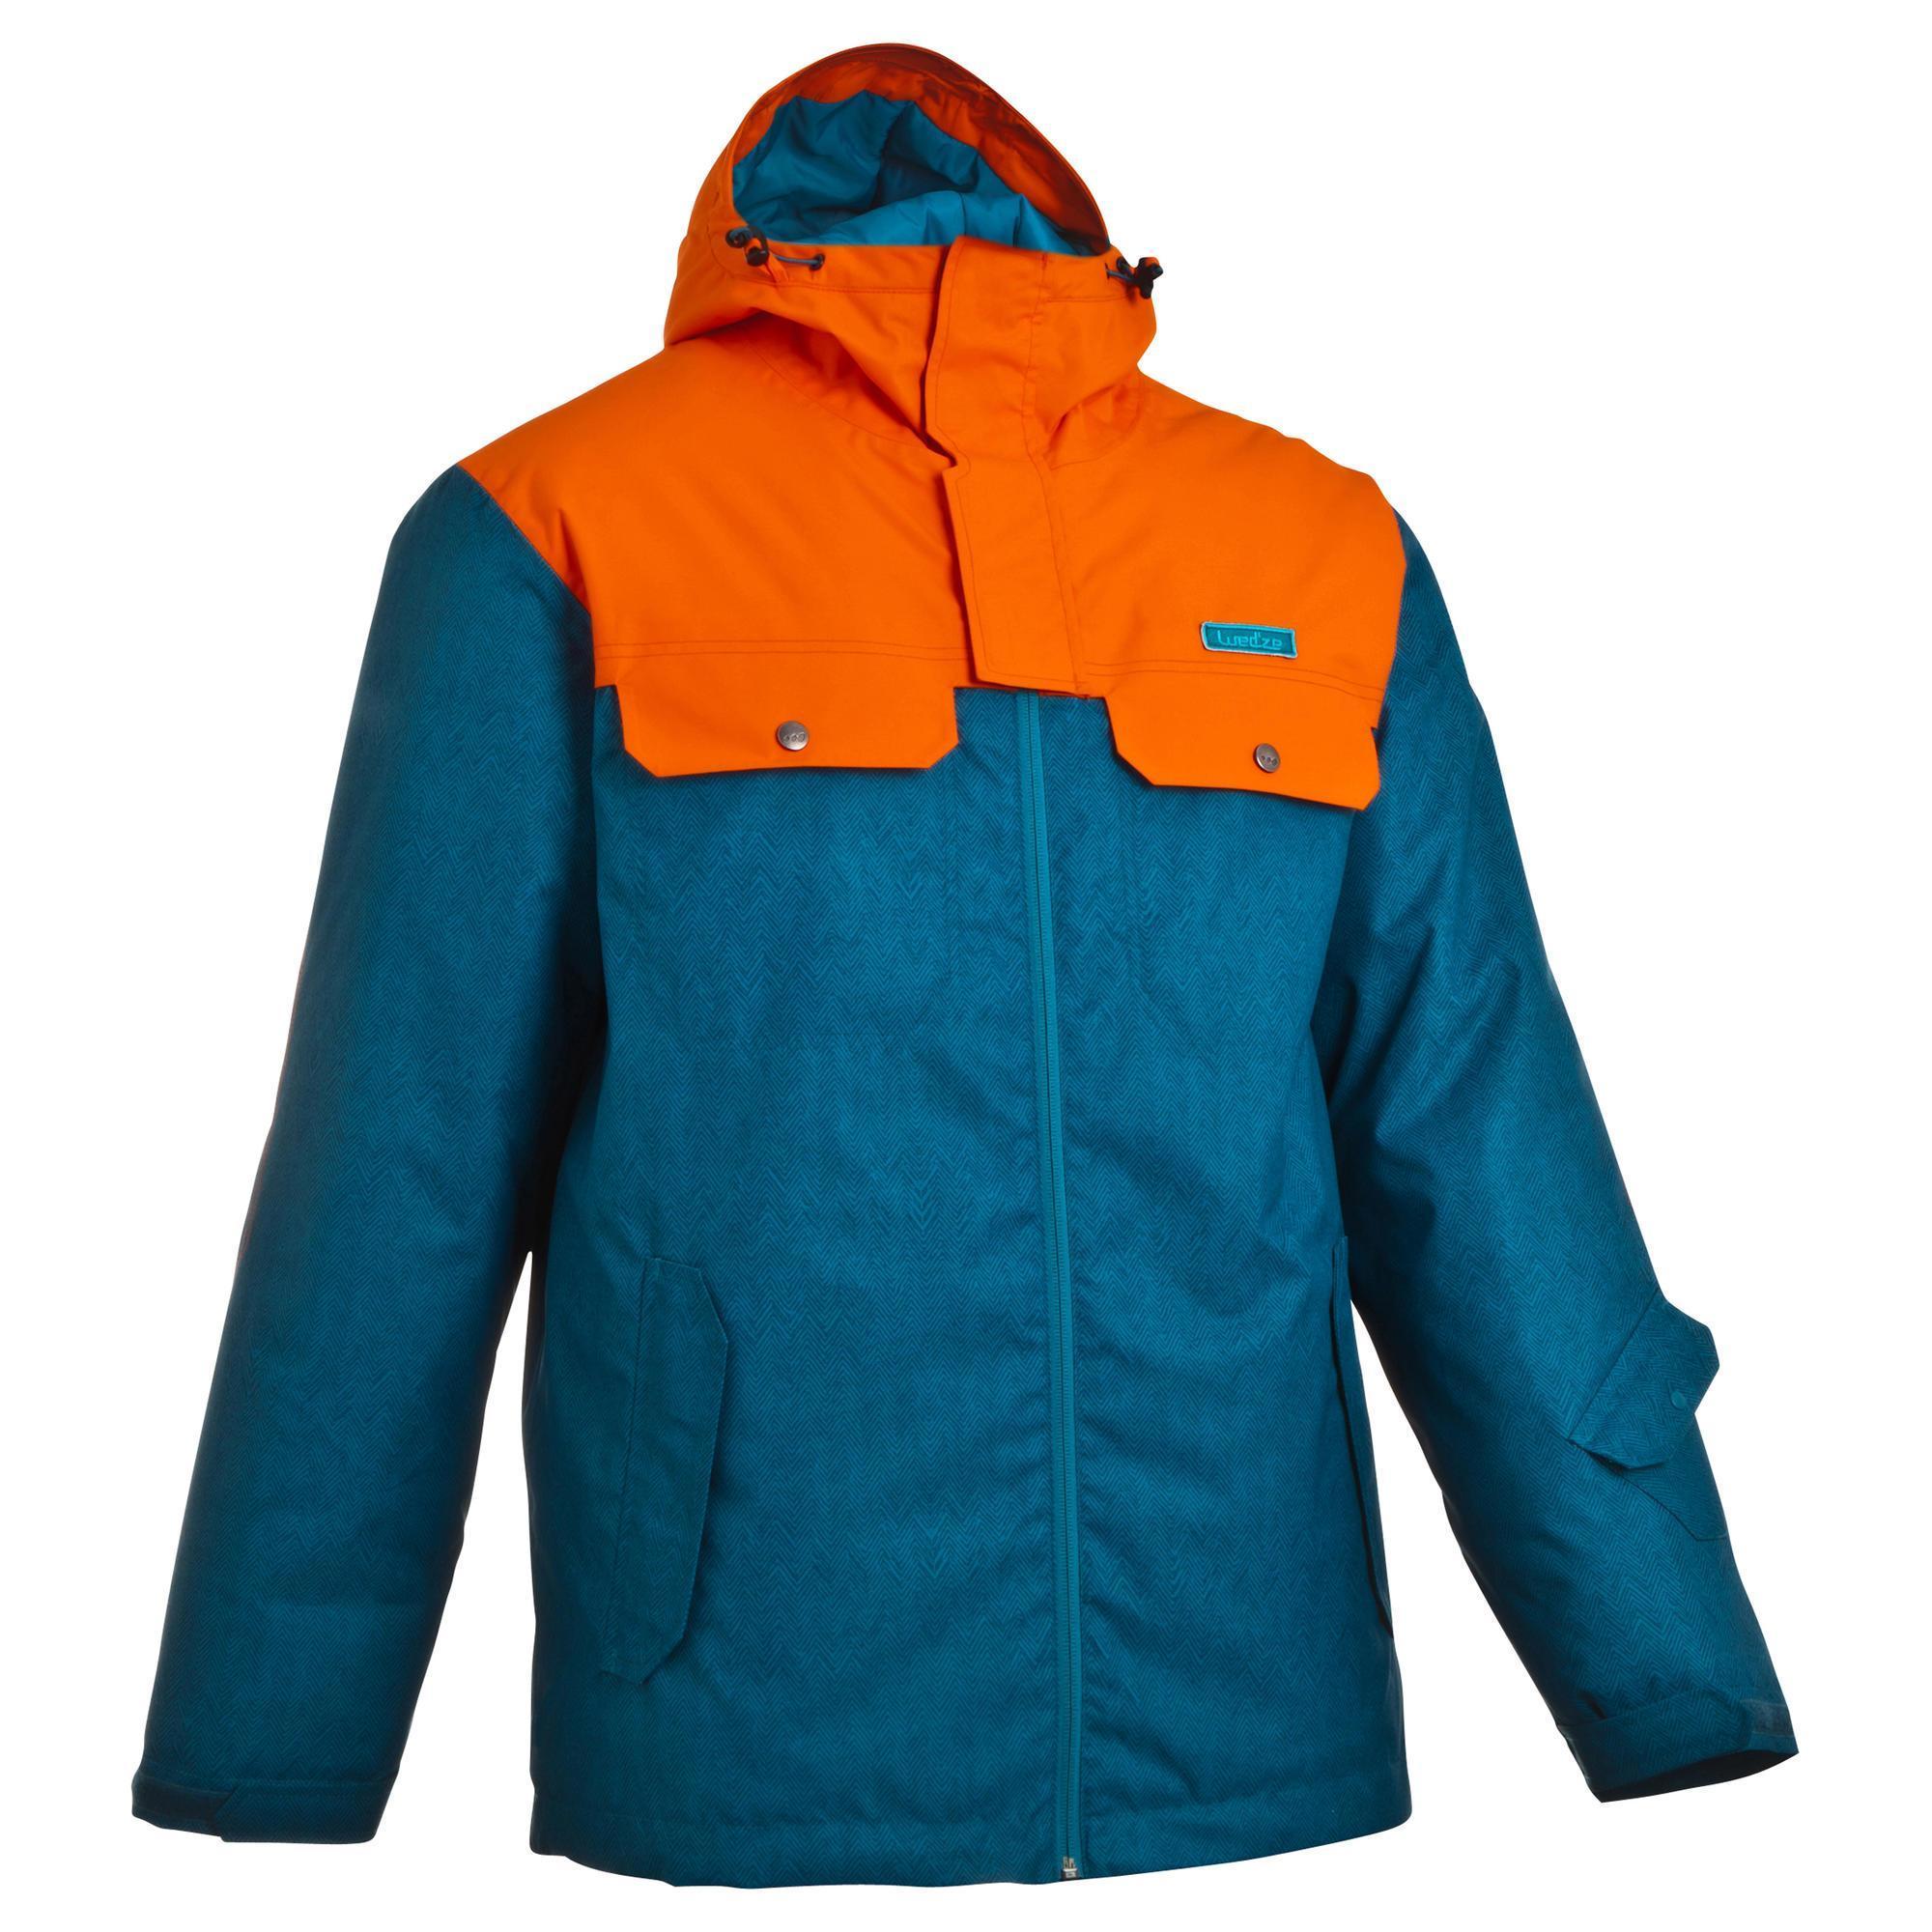 a77b3a3fb5 veste_ski_homme_evostyle_bleu_orange_wedze_wedze_8316839_294113.jpg